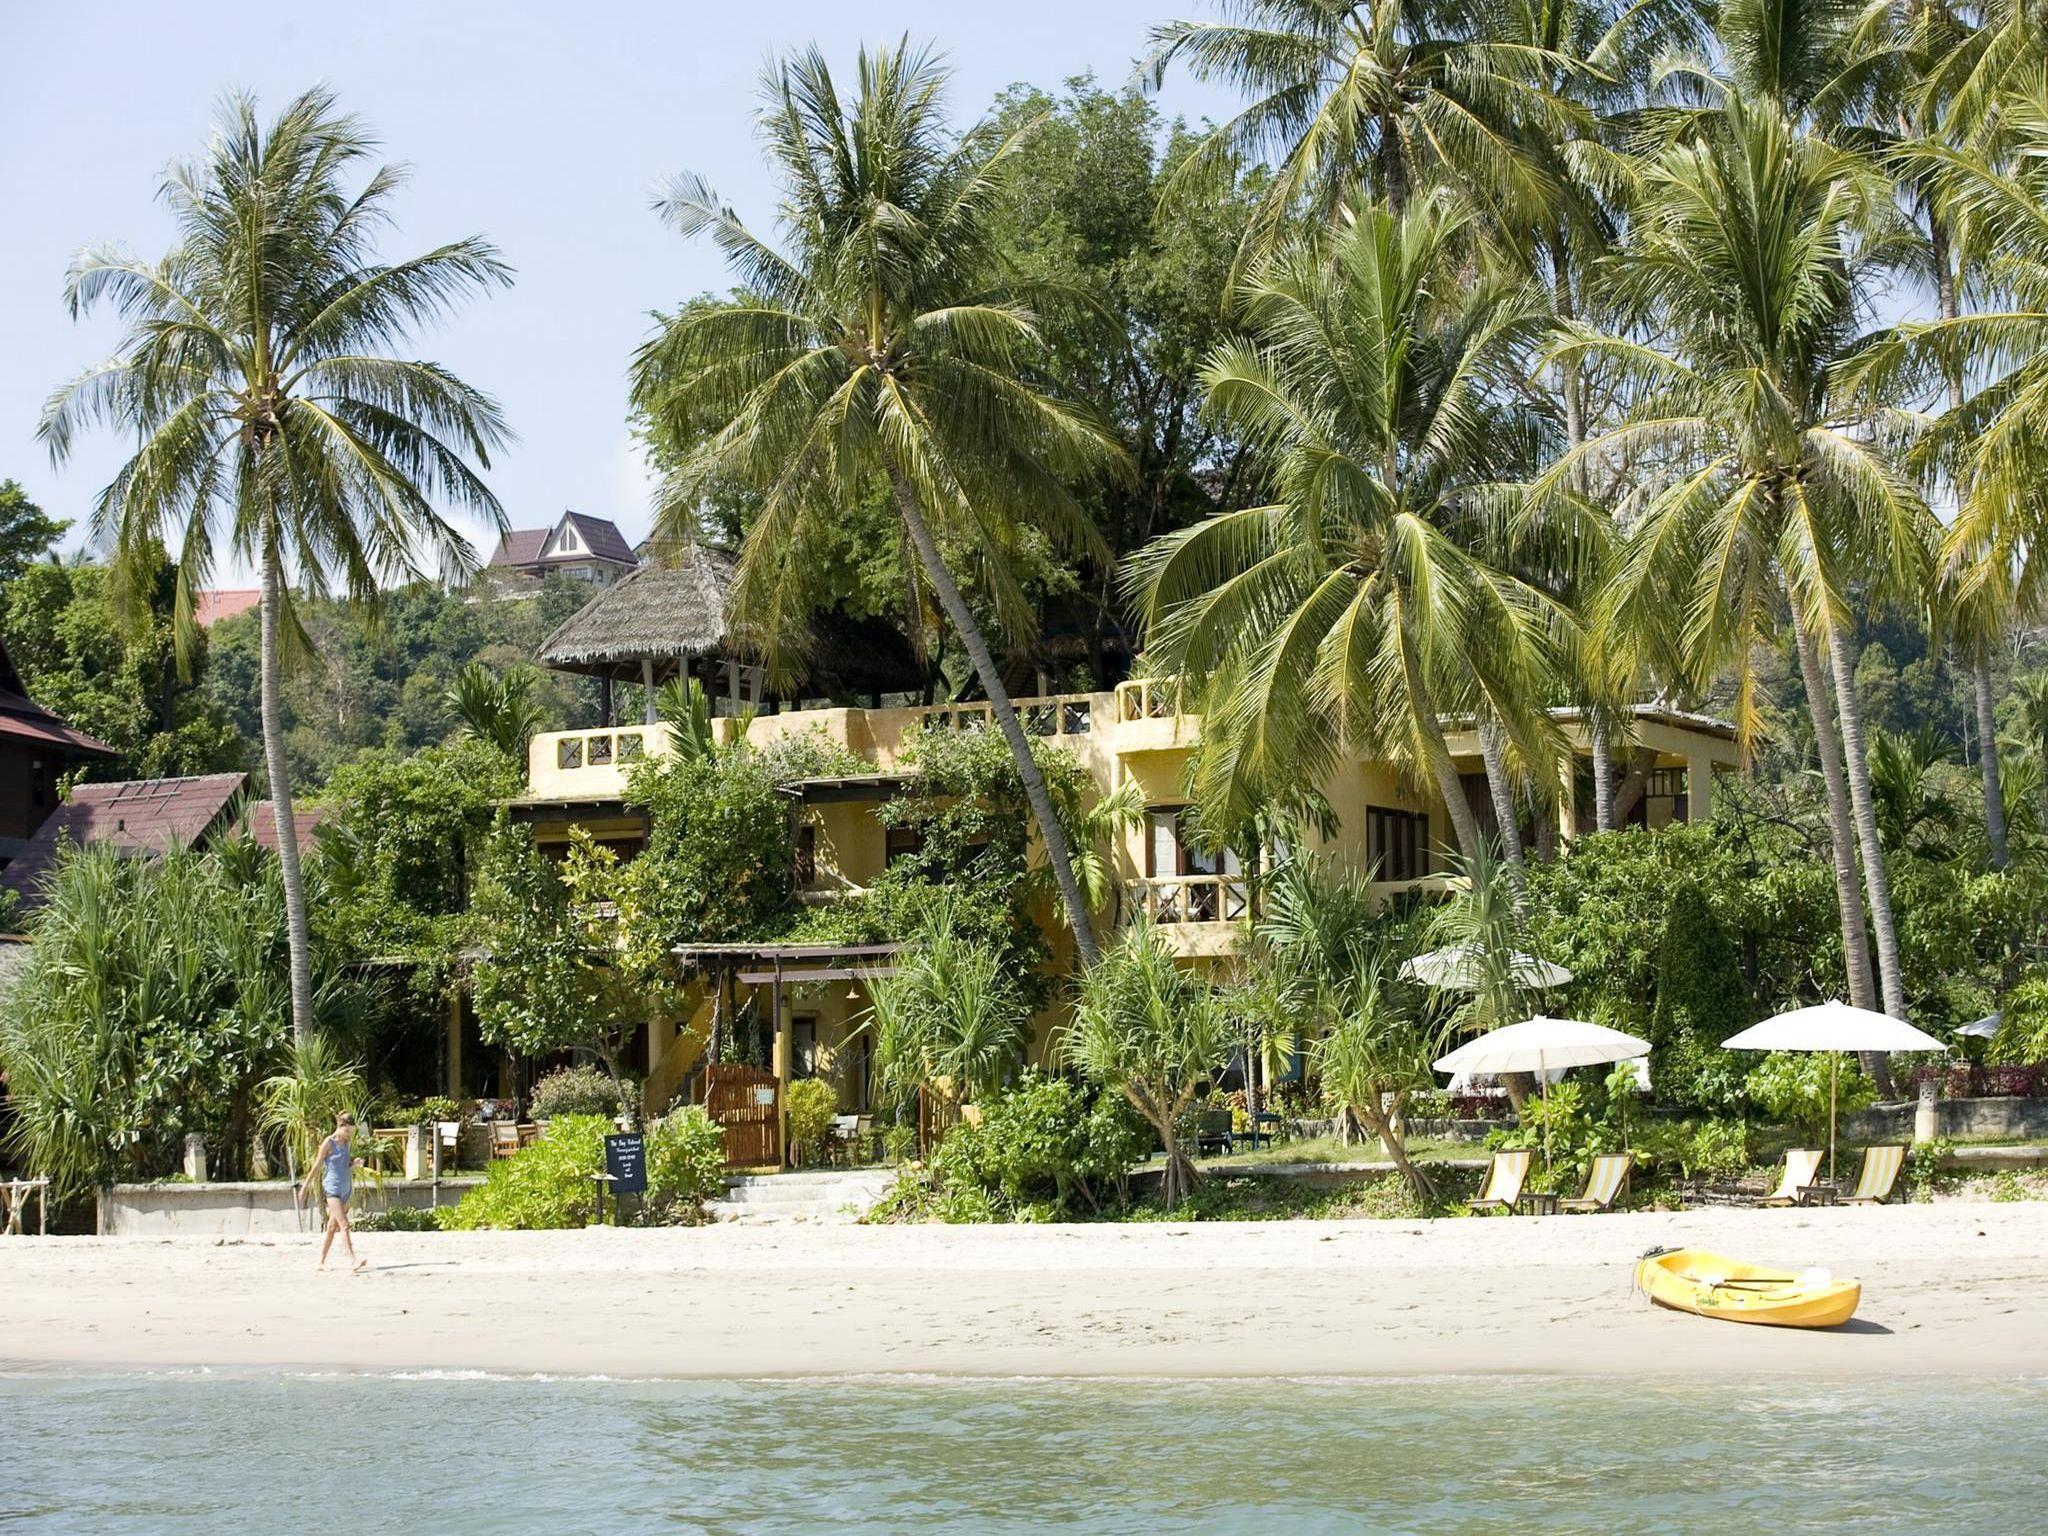 Phra Nang Lanta Hotel